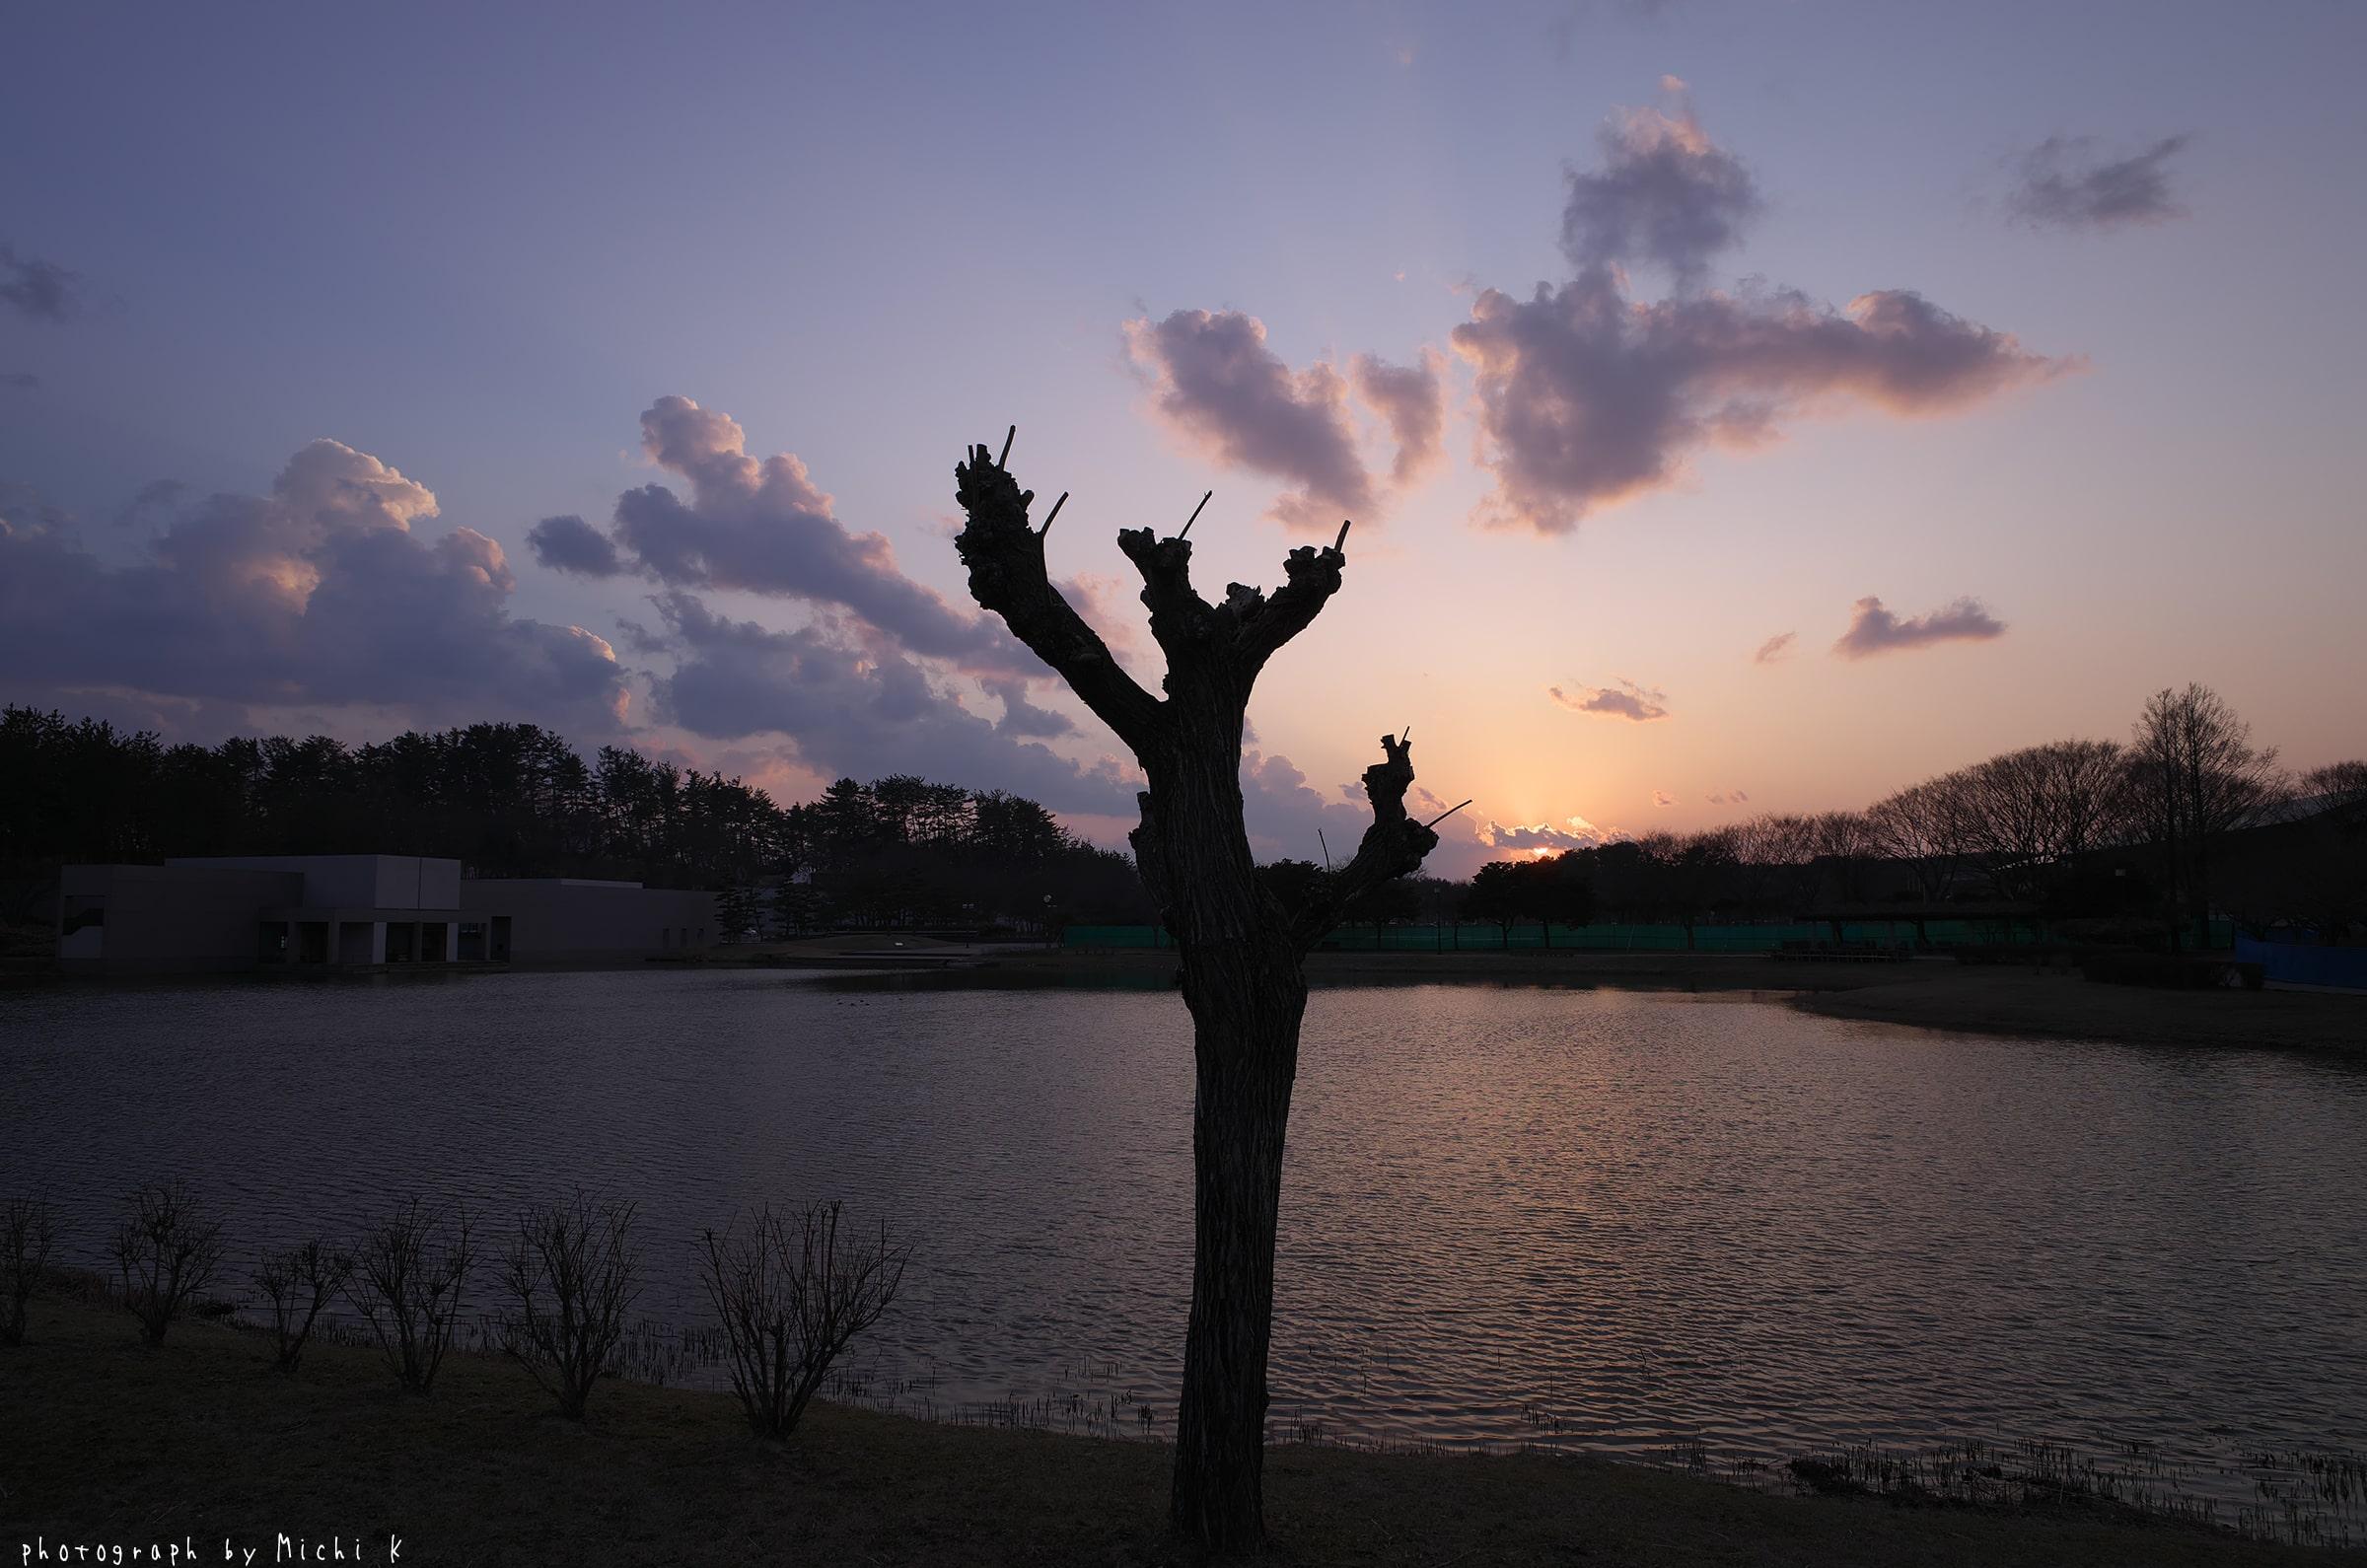 土門拳記念館にて2019-3-2夕方(写真その4)